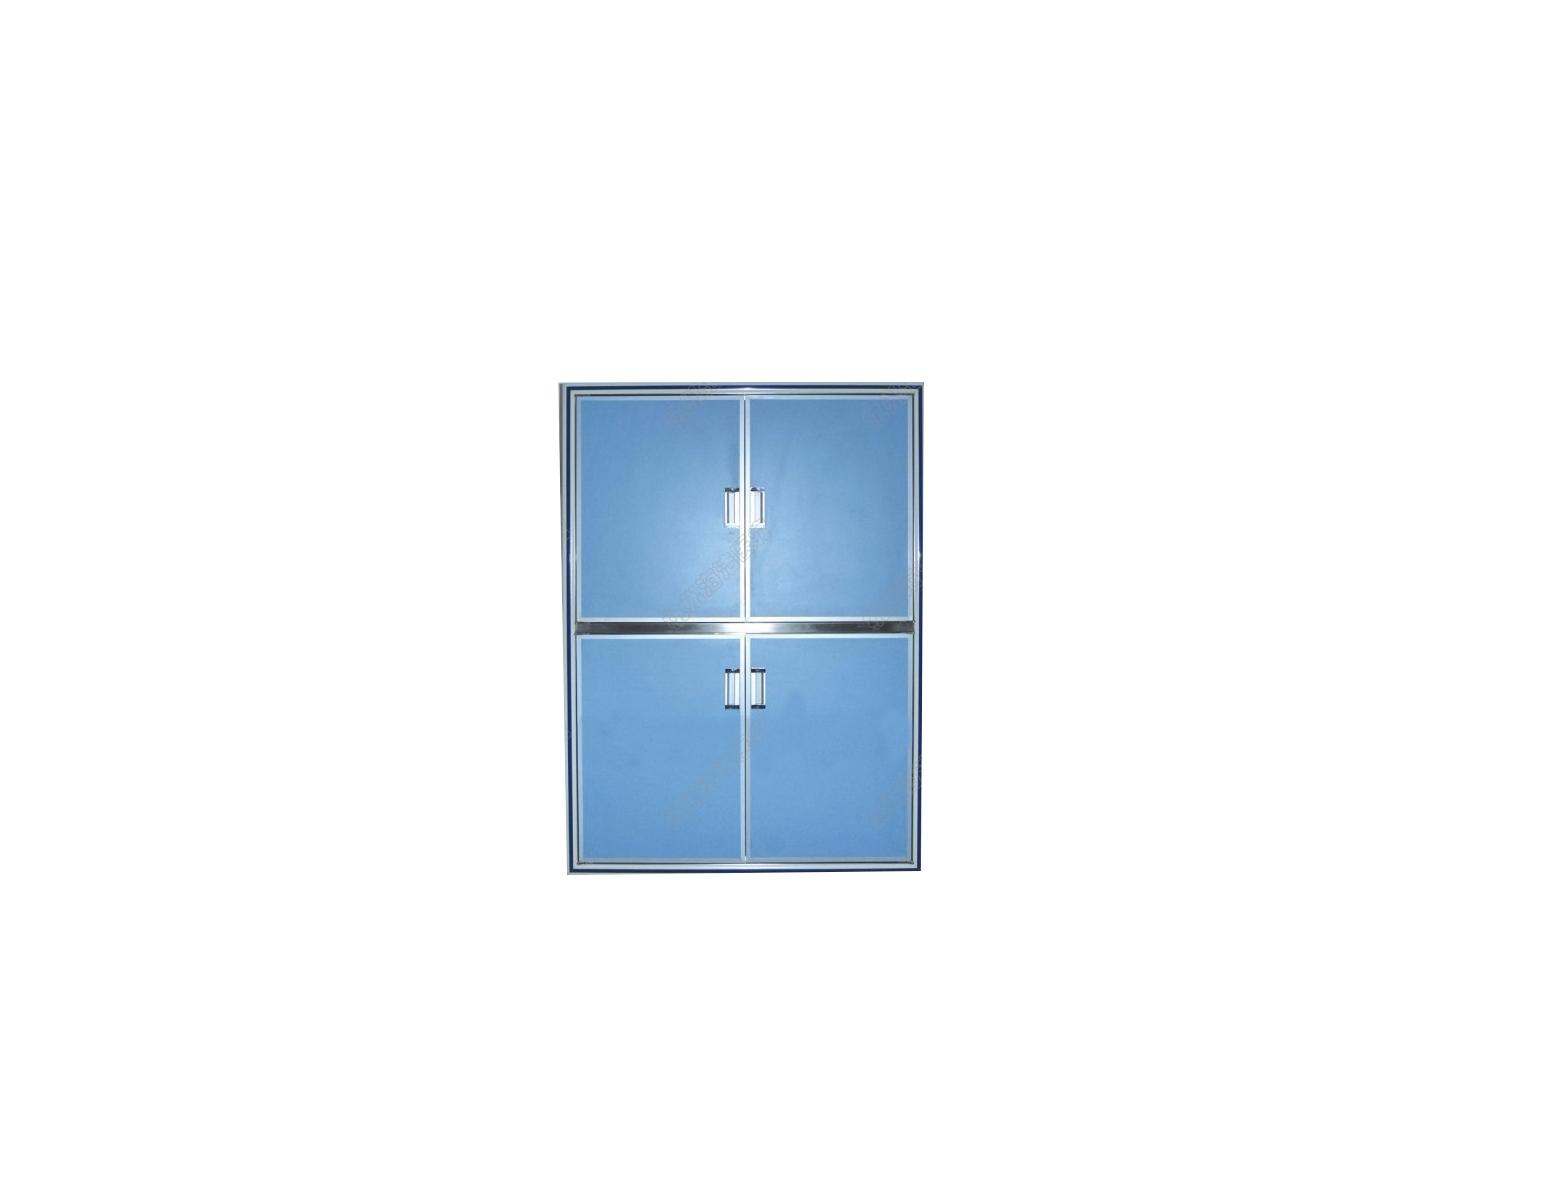 嵌入式不锈钢器械柜